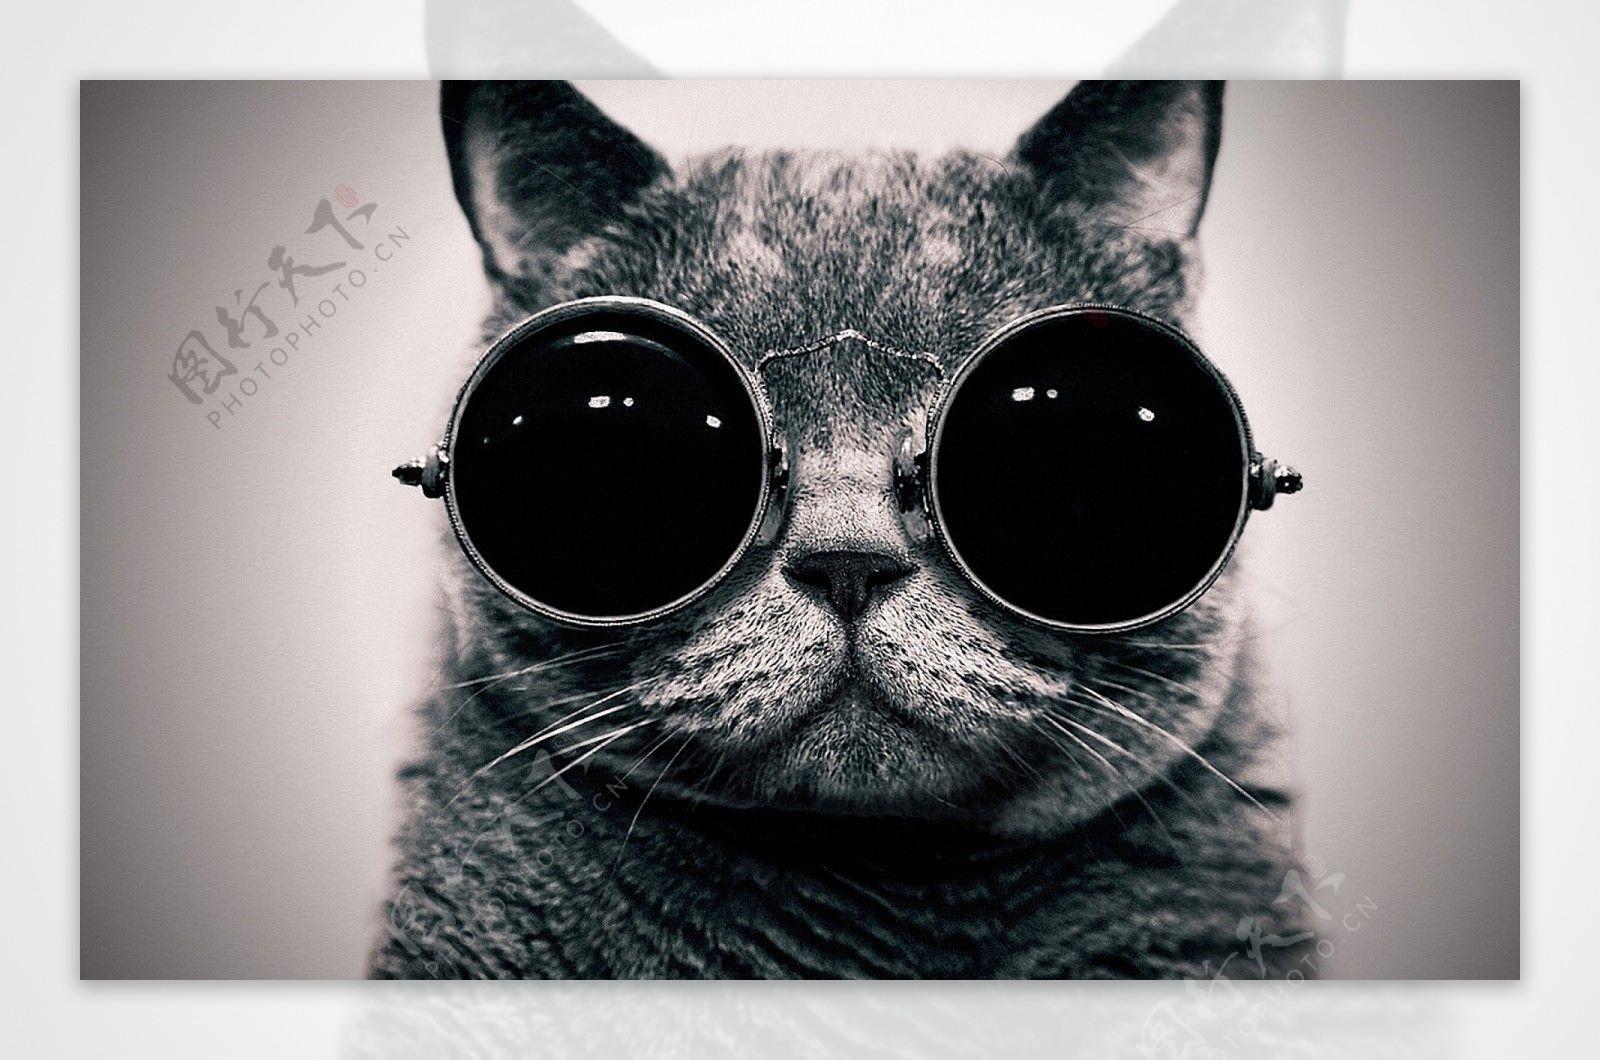 个性炫酷猫星人背景